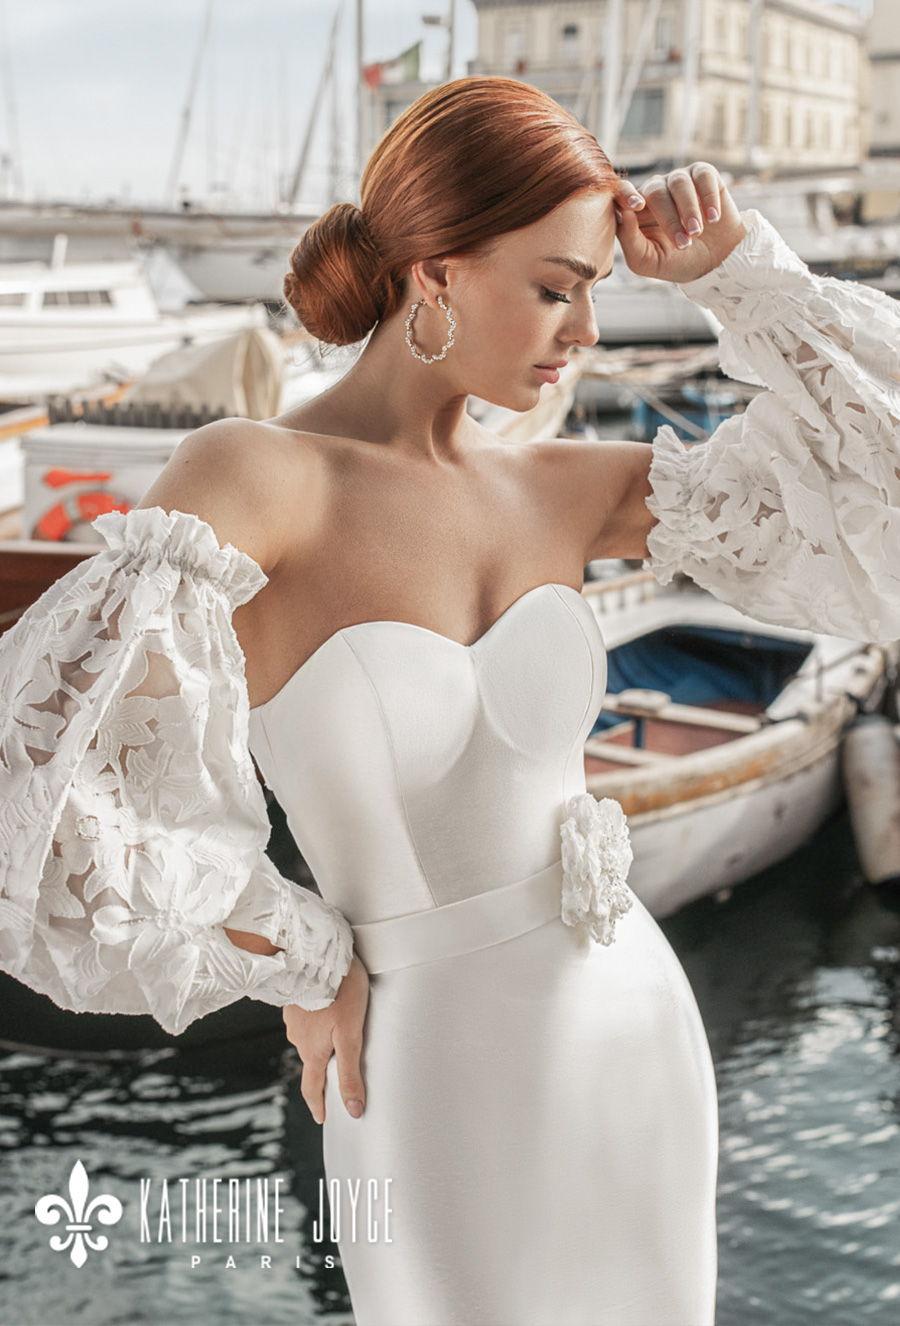 katherine joyce 2021 naples bridal off the shoulder long bishop sleeves sweetheart neckline simple minimalist elegant mermaid wedding dress mid back chapel train (cloudi) zv